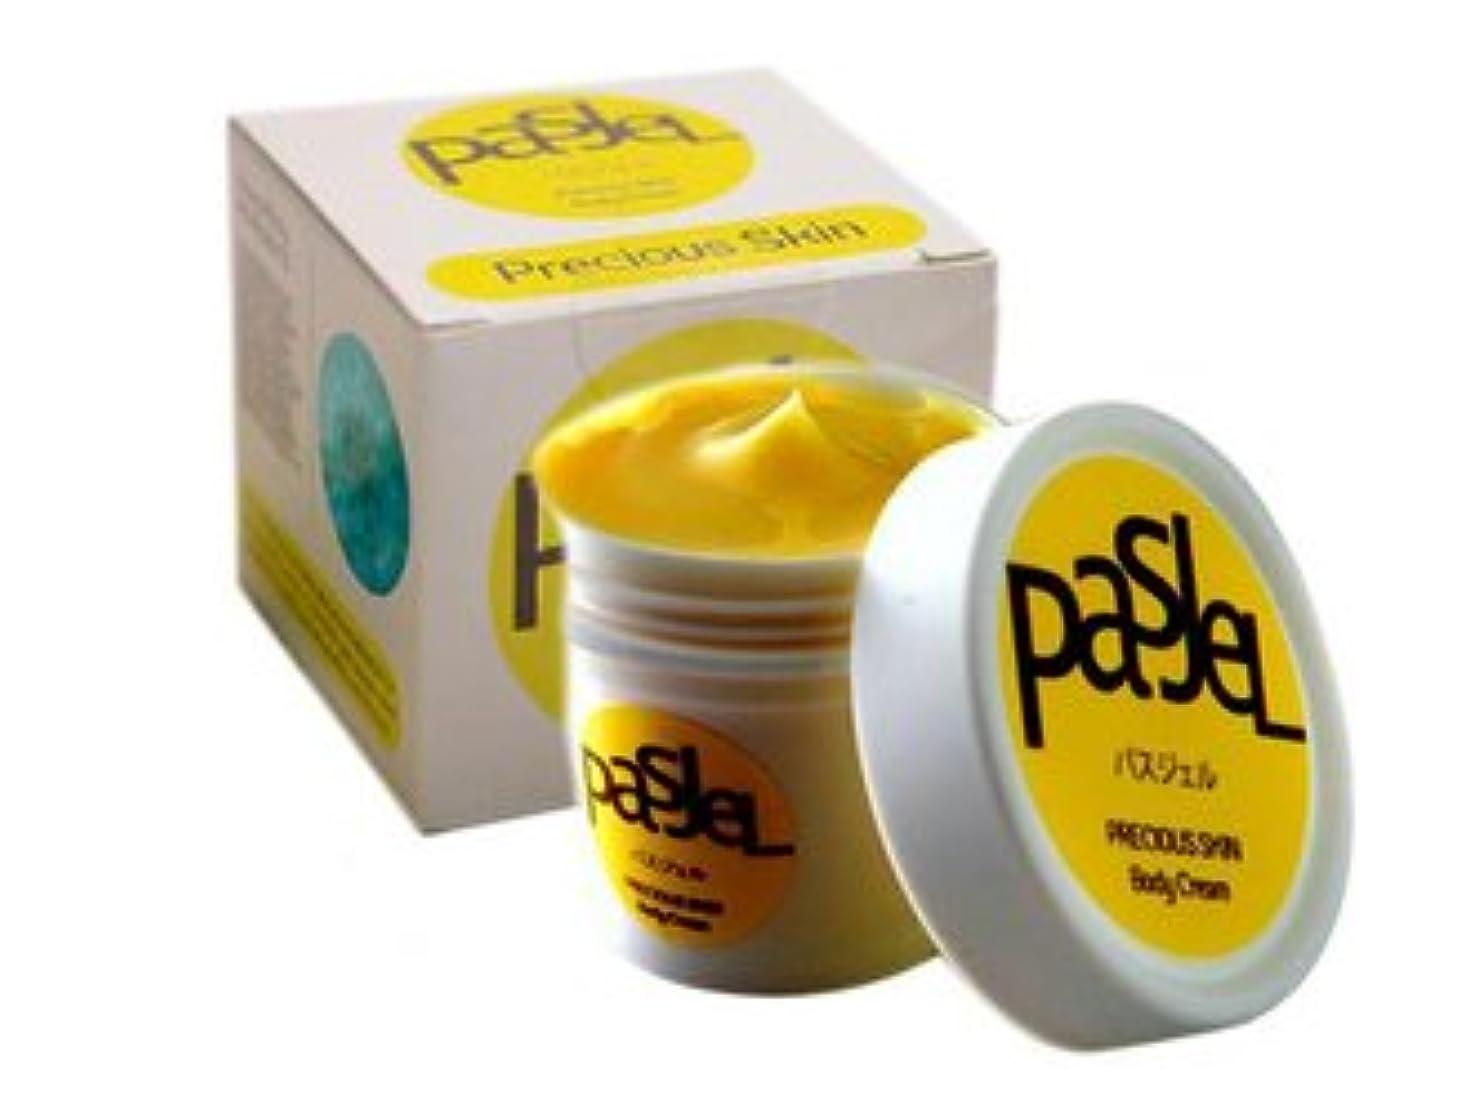 明確なレイア生き物PasJel パスジェル 妊娠線予防 クリーム 肉割れ防止